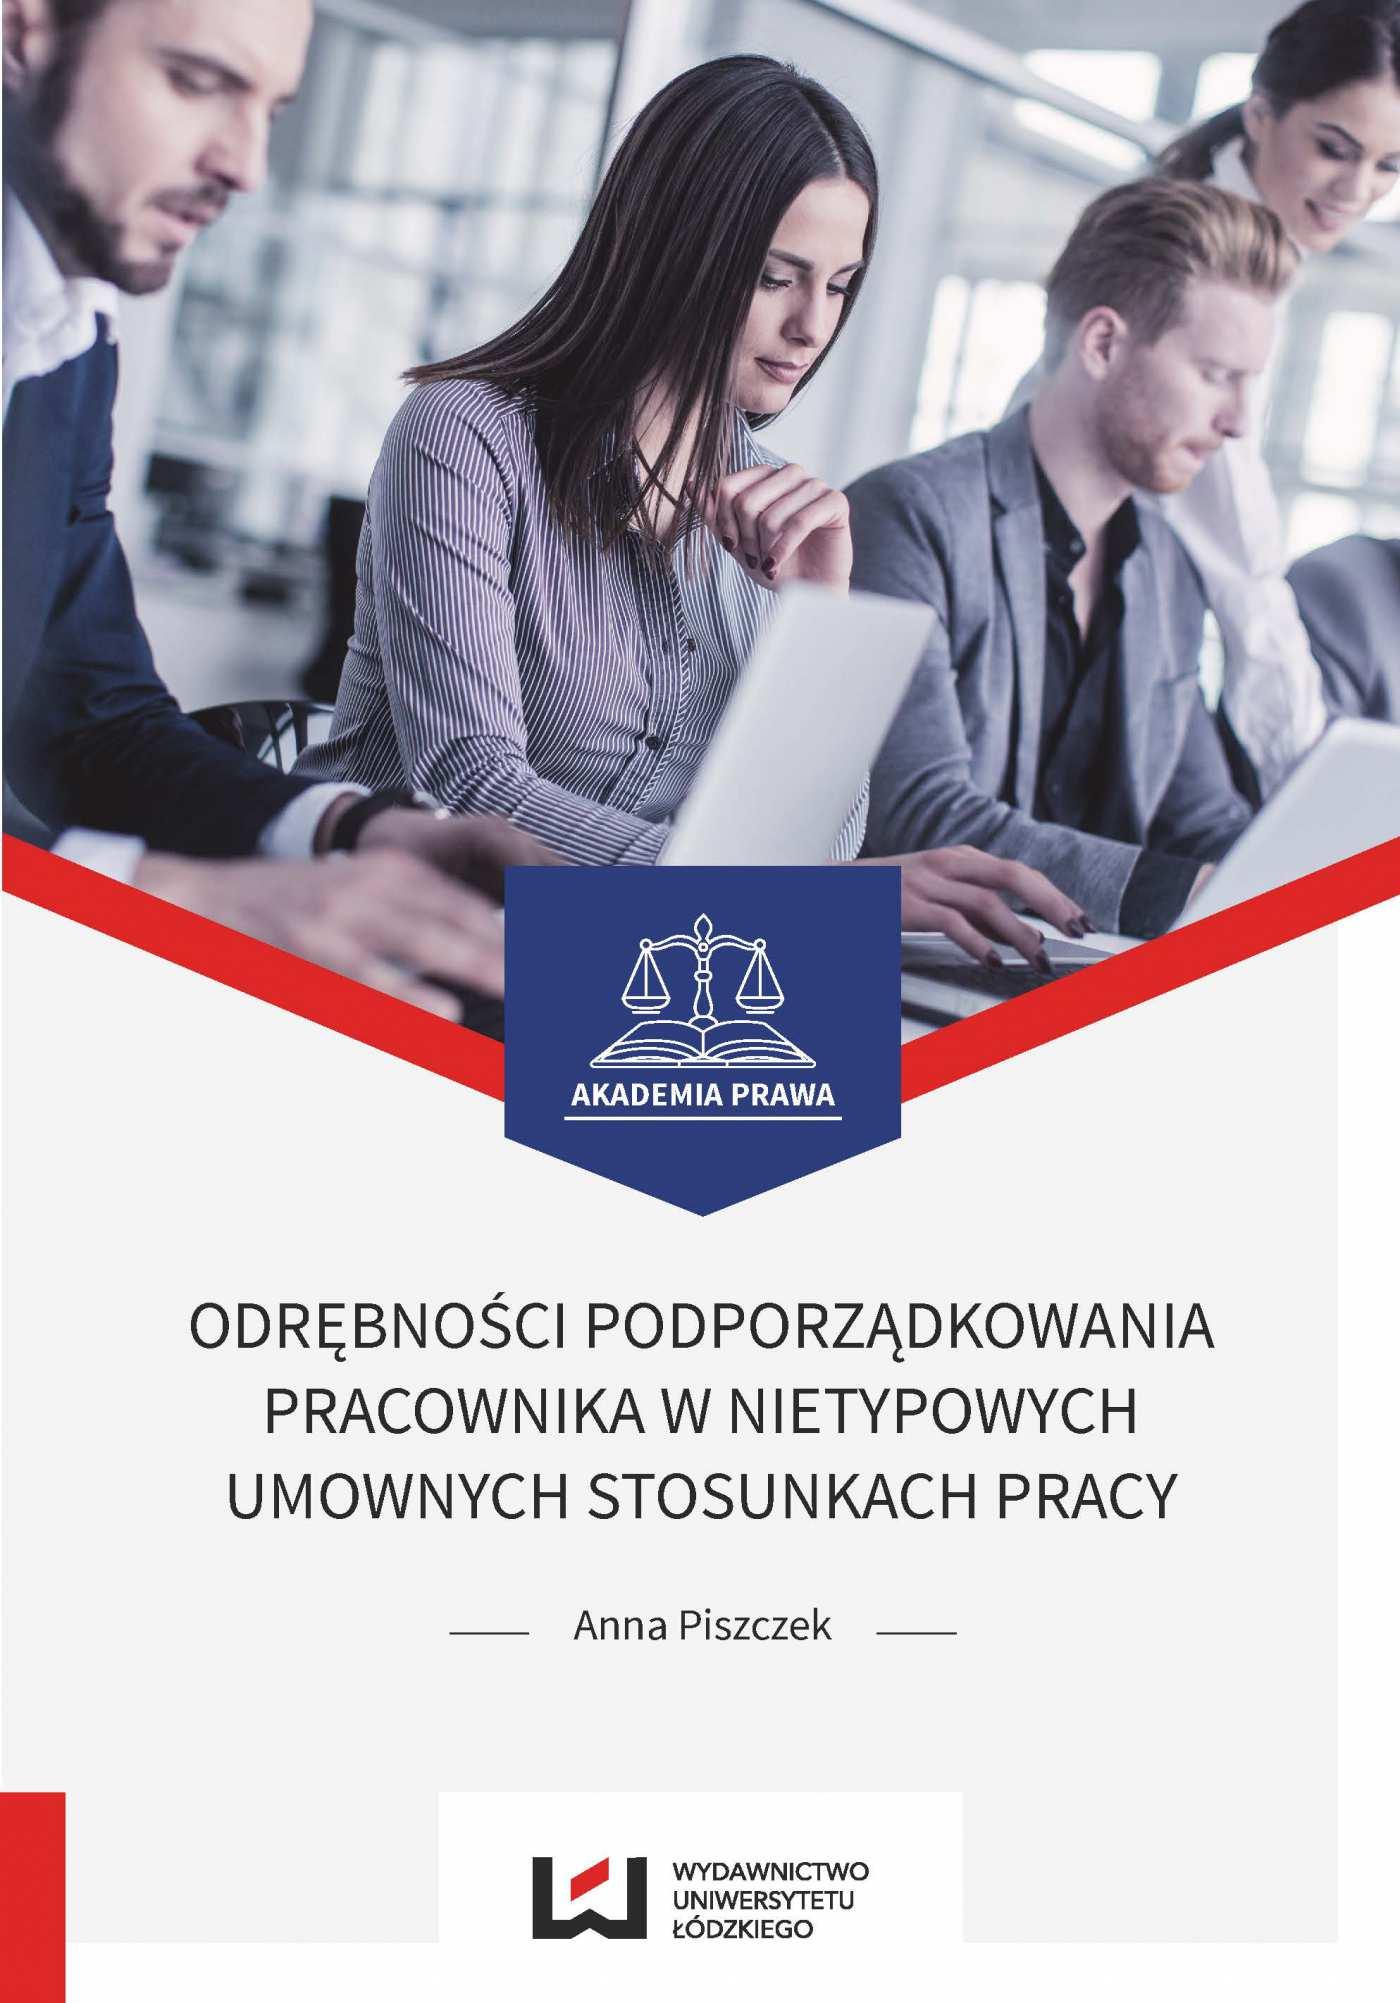 Odrębności podporządkowania pracownika w nietypowych umownych stosunkach pracy - Ebook (Książka PDF) do pobrania w formacie PDF